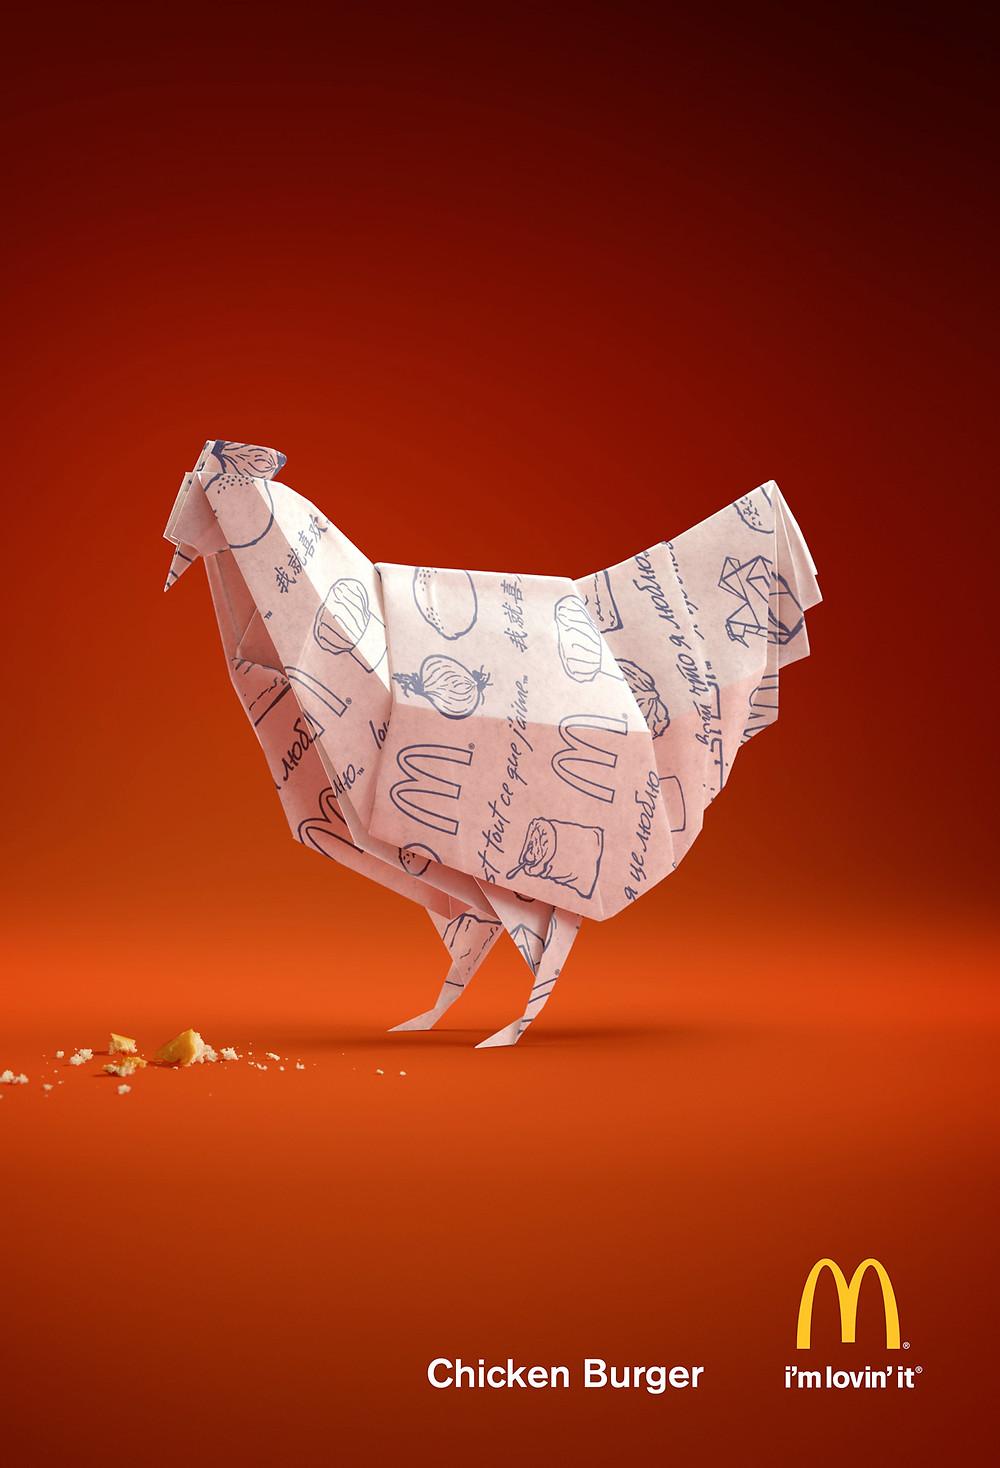 Макдоналдс решил изобразить чикенбургер с помощью фирменных бумажных пакетов